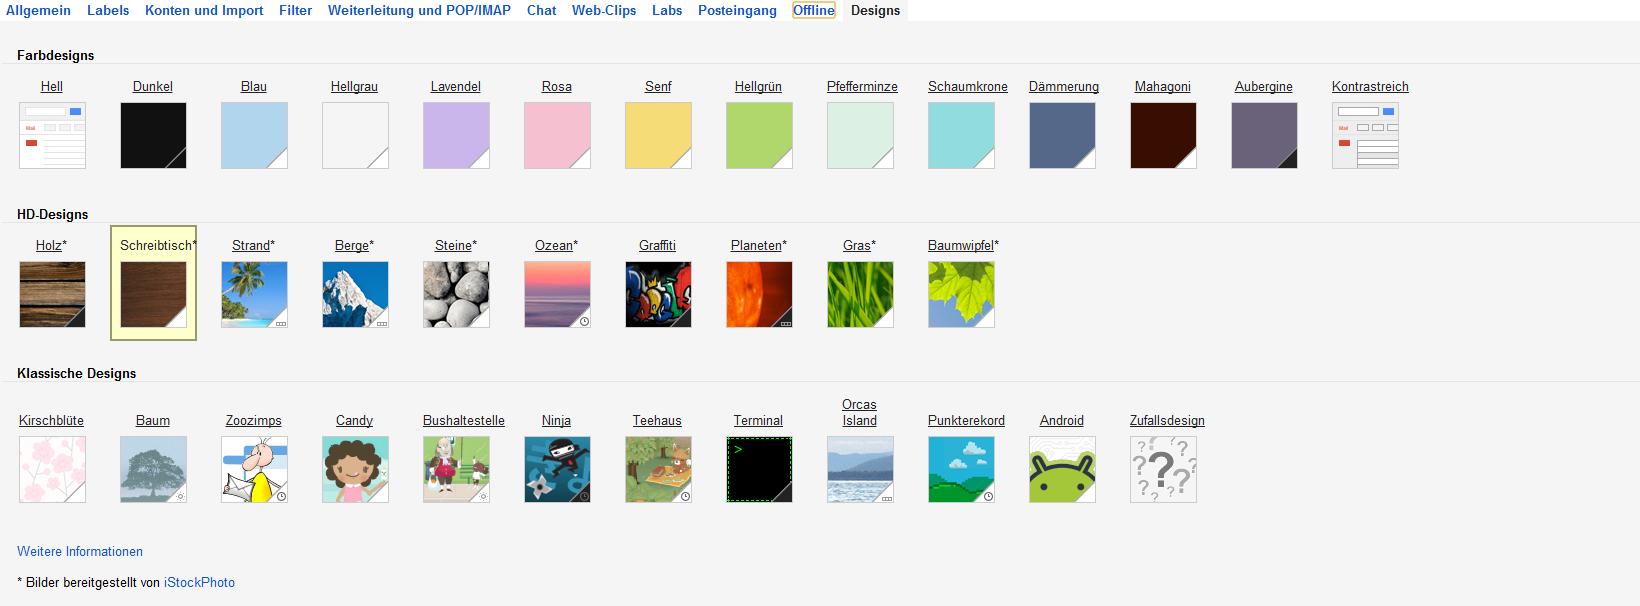 12-google-mail-alle-einstellungsmoeglichkeiten-designs-470.png?nocache=1326361918892